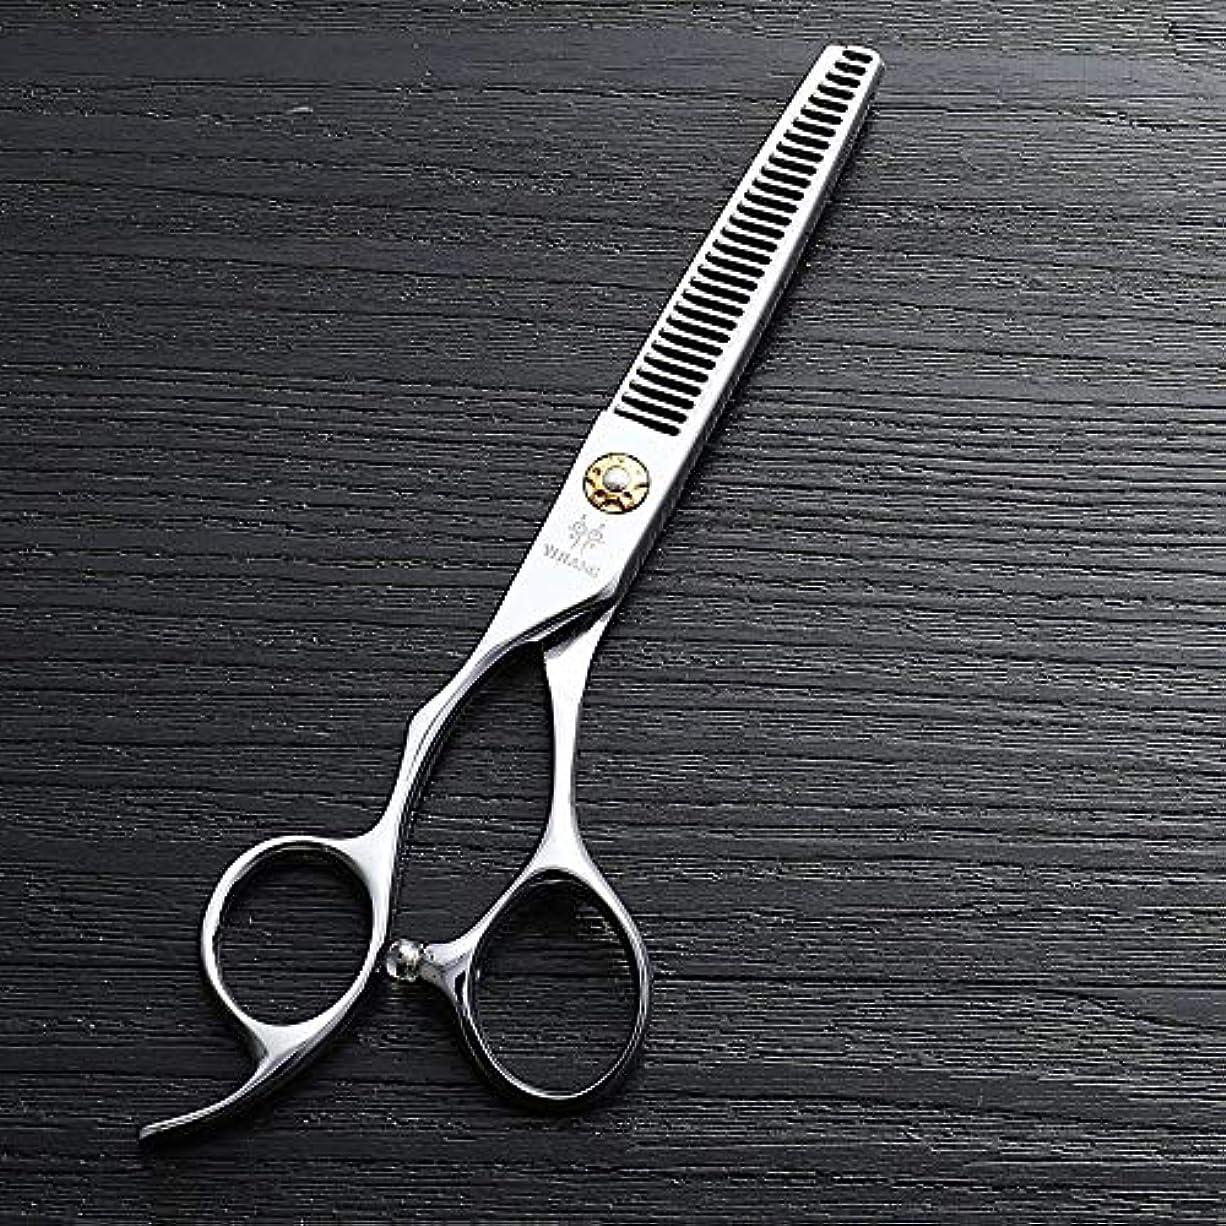 特派員権威洗剤6インチ美容院プロのヘアカットハイエンド左手歯はさみ、440 cステンレス鋼理髪ツール モデリングツール (色 : Silver)